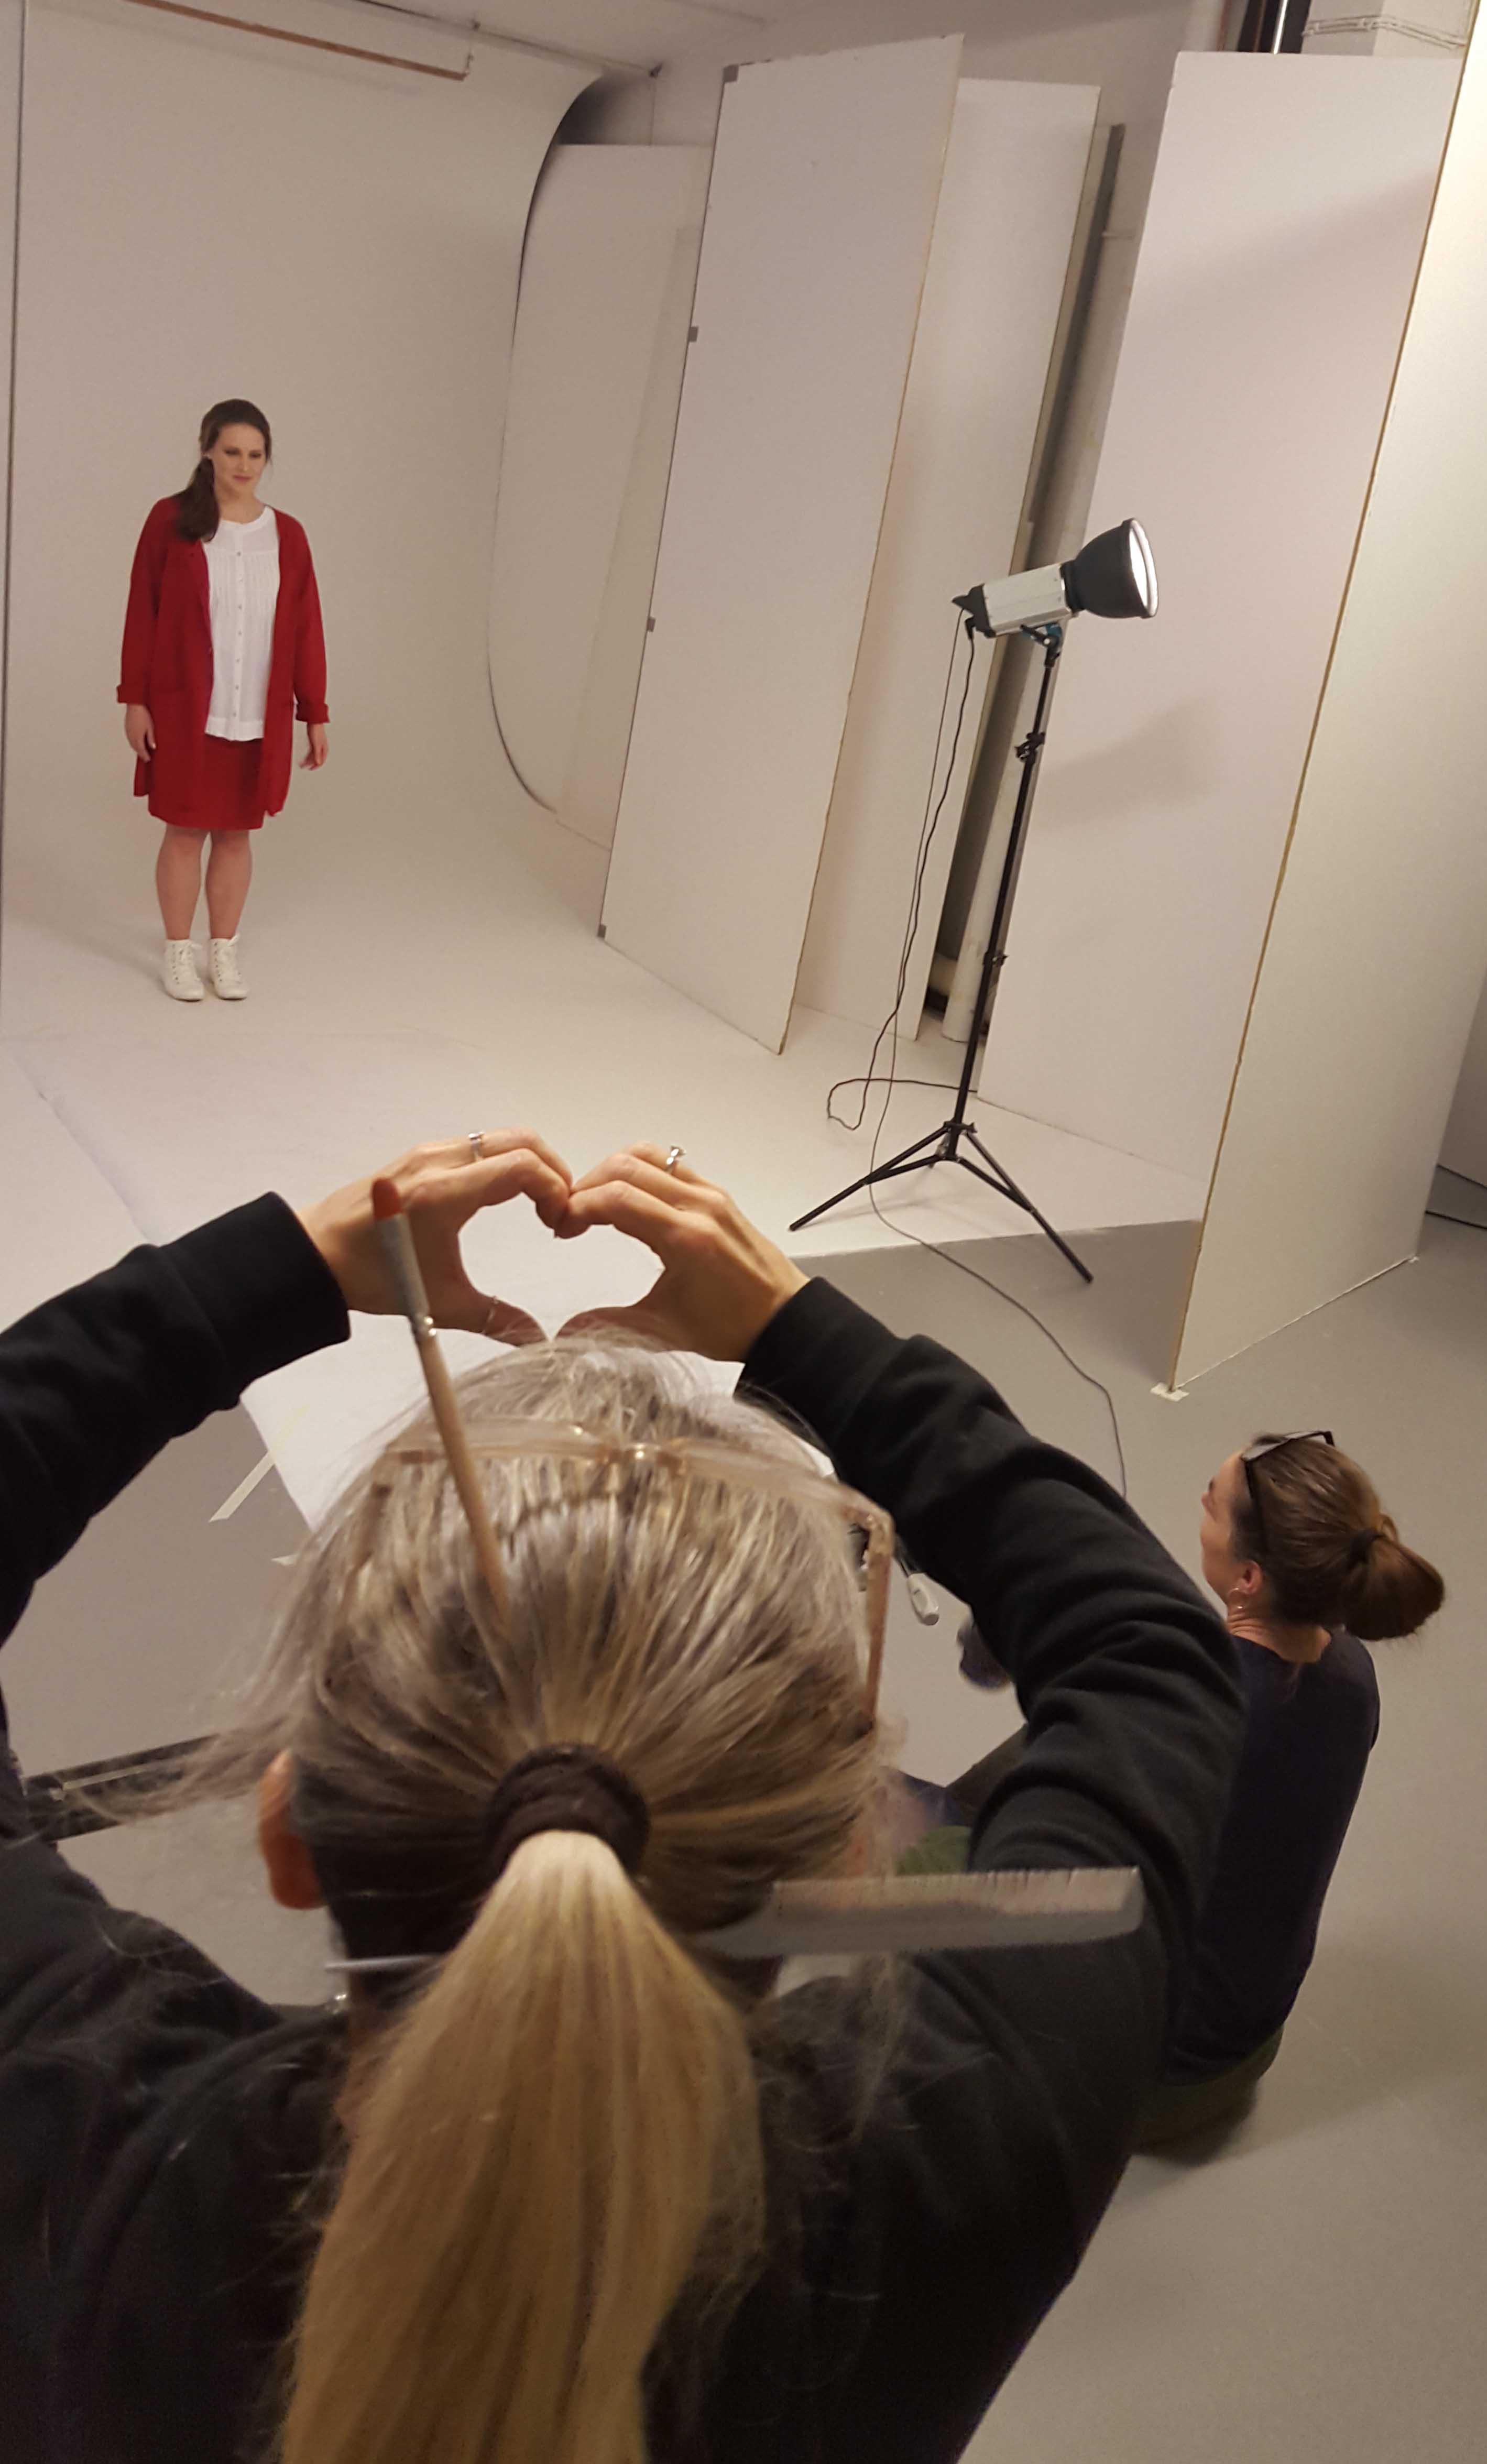 Sarah värmer upp framför kameran i Karin cardigan, Ella blus och Paris kjol. Make-up artisten Mia bär verktygen i håret och ger kärlek och stöd inför premiären.